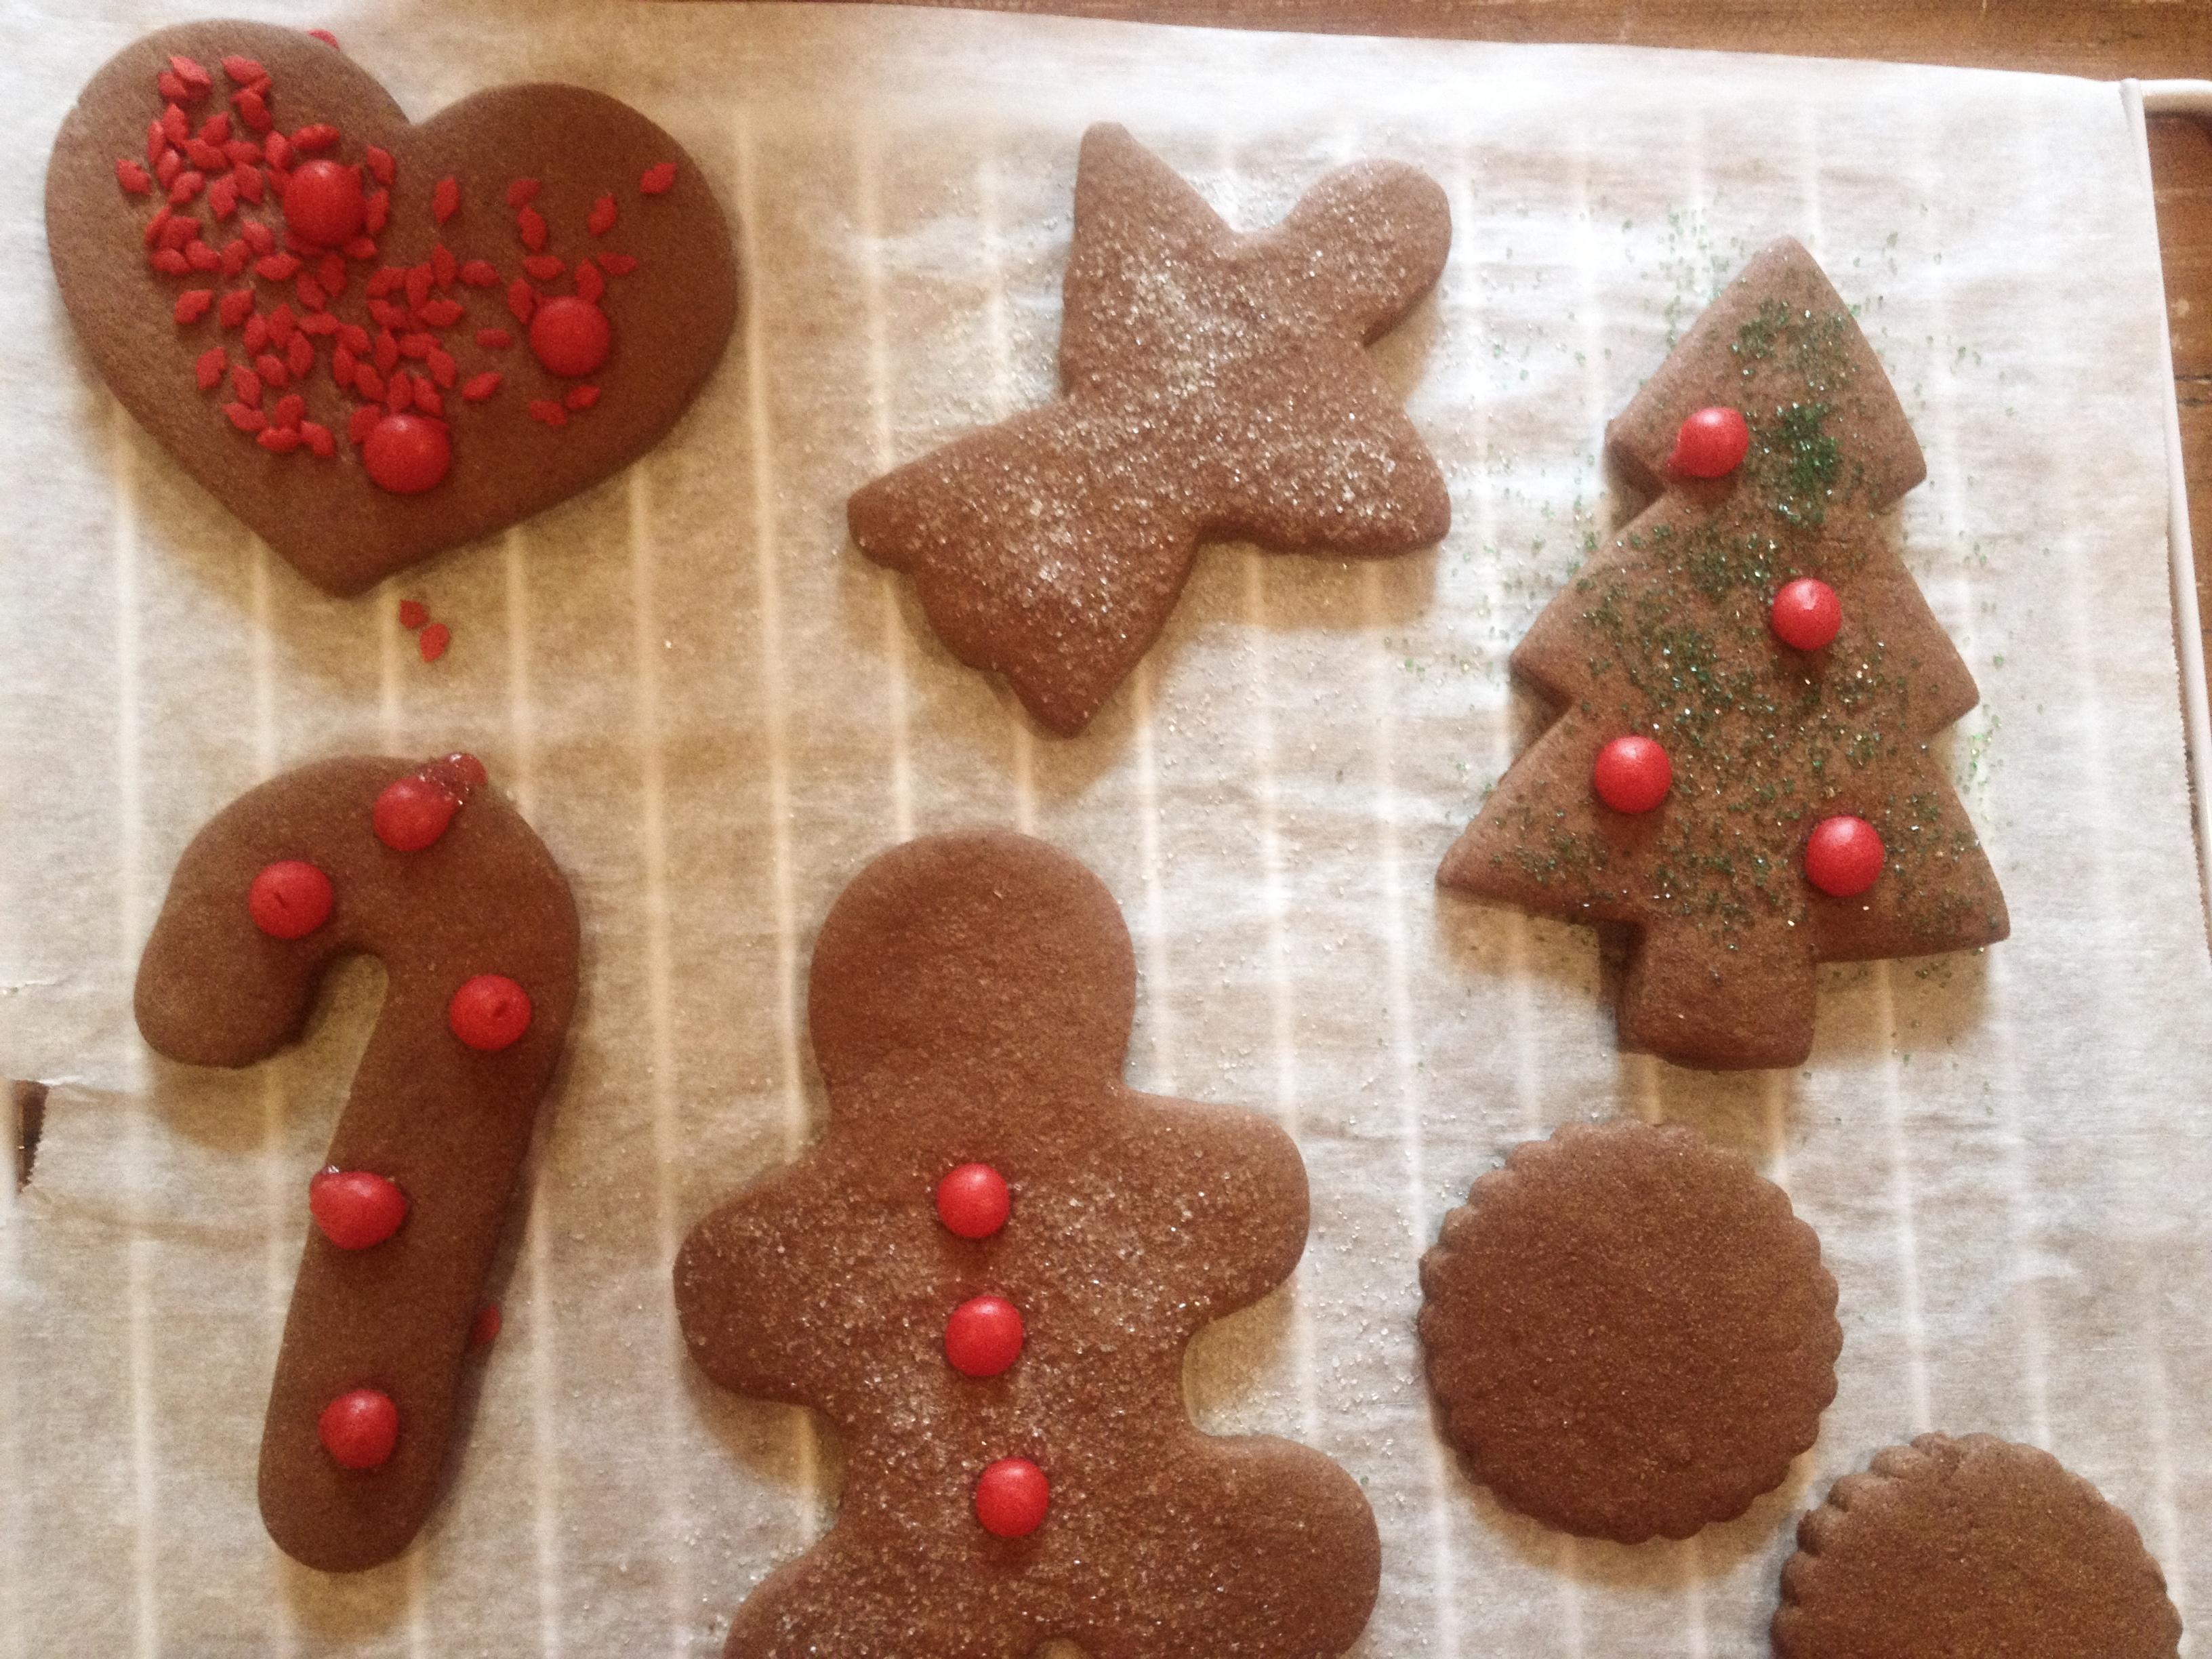 Chocolate cookies en papillote (sort of)